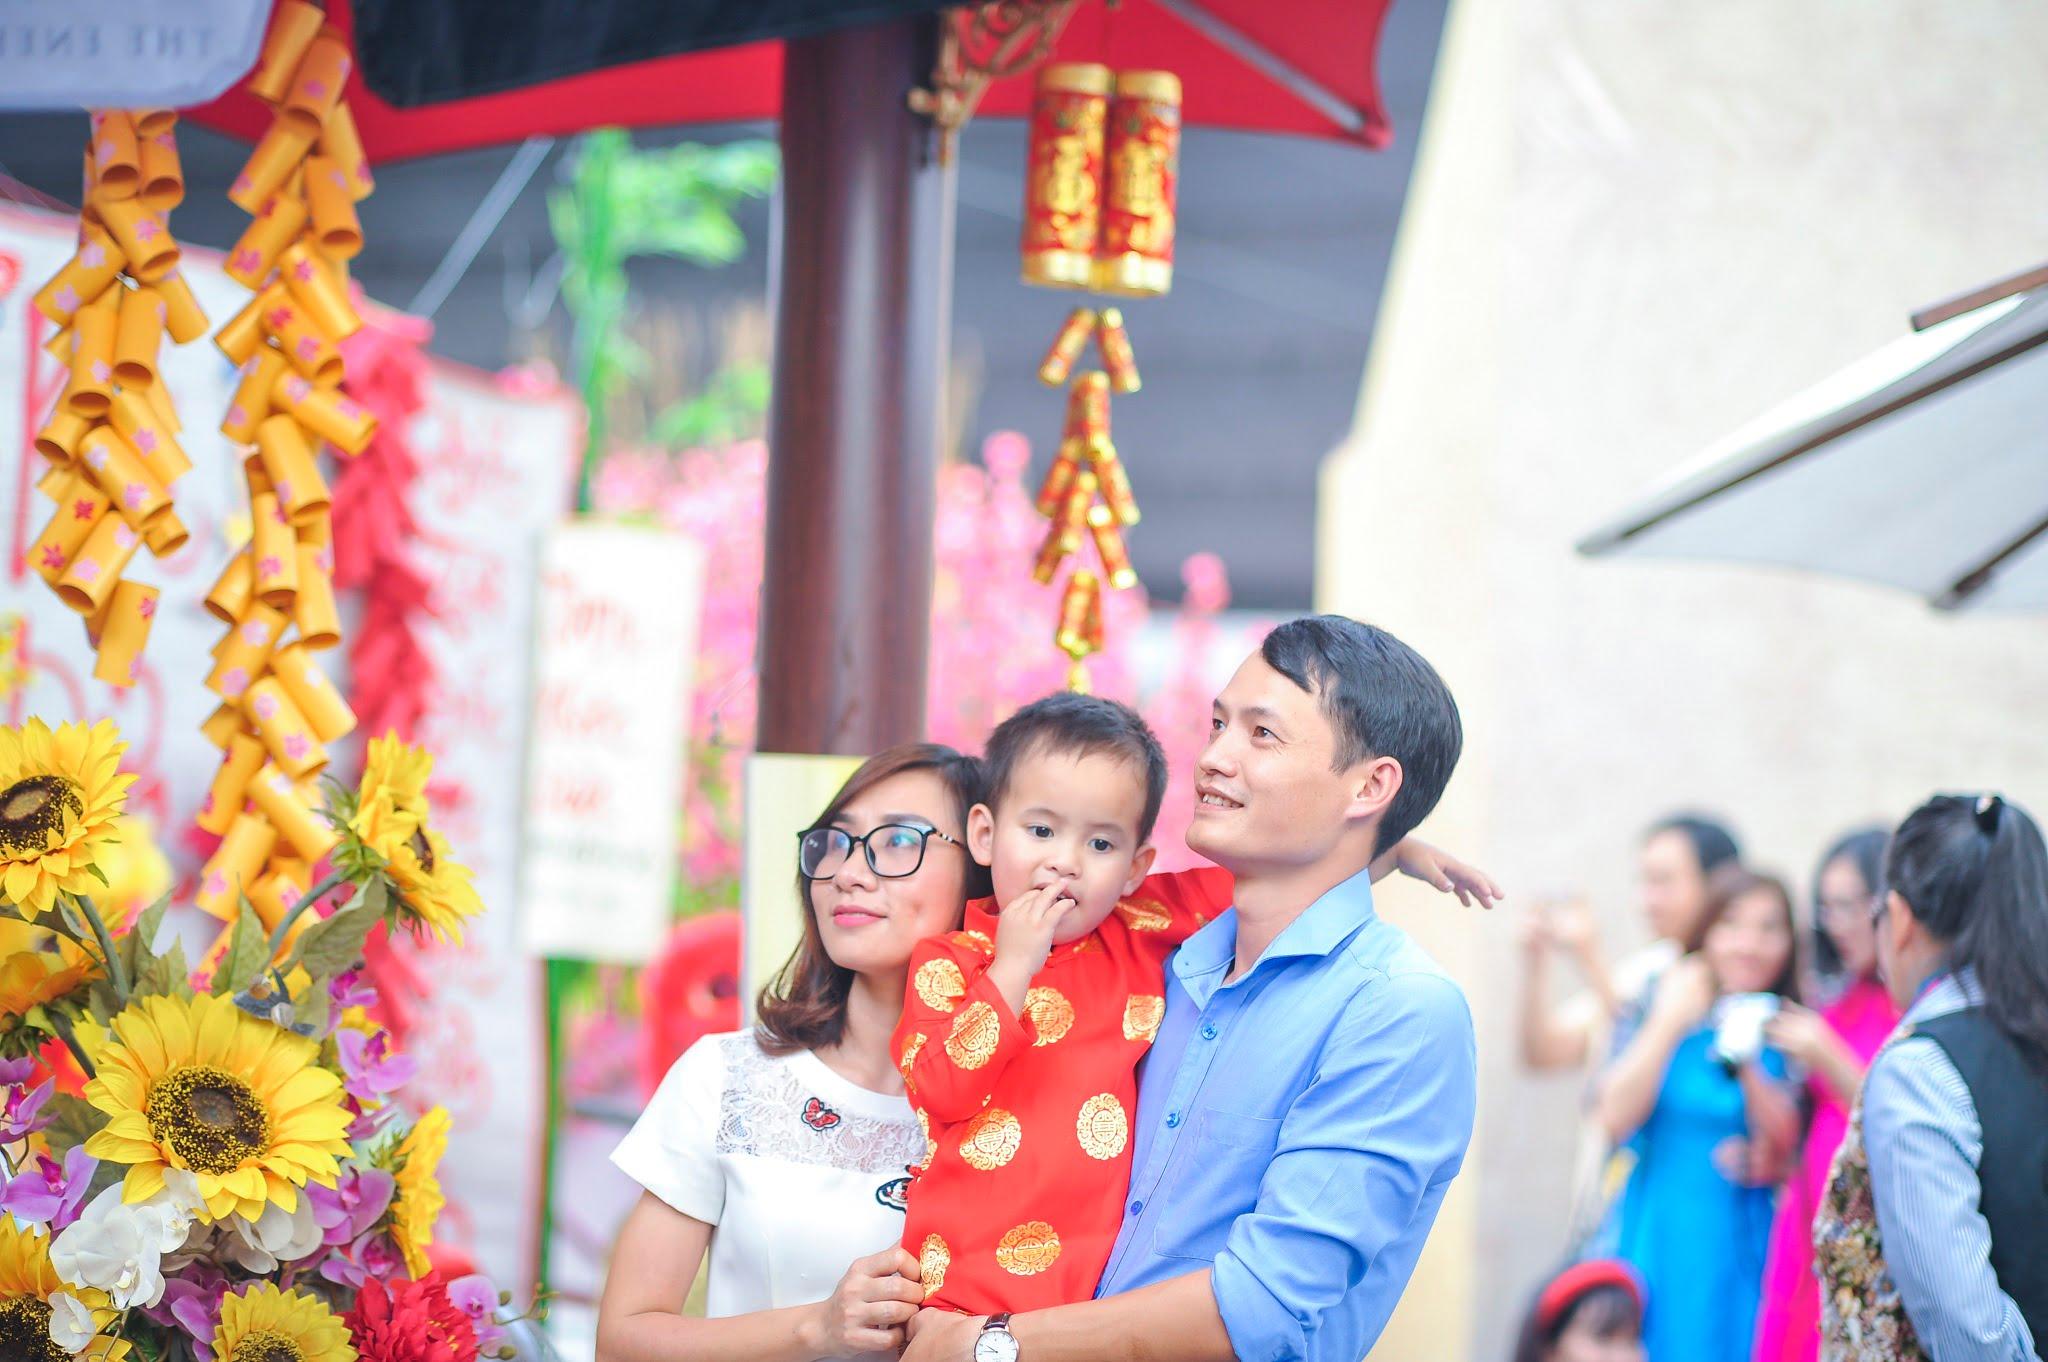 DSC 6611 - Ảnh chụp gia đình anh Phong Hồ, Quận 1 Tp.HCM